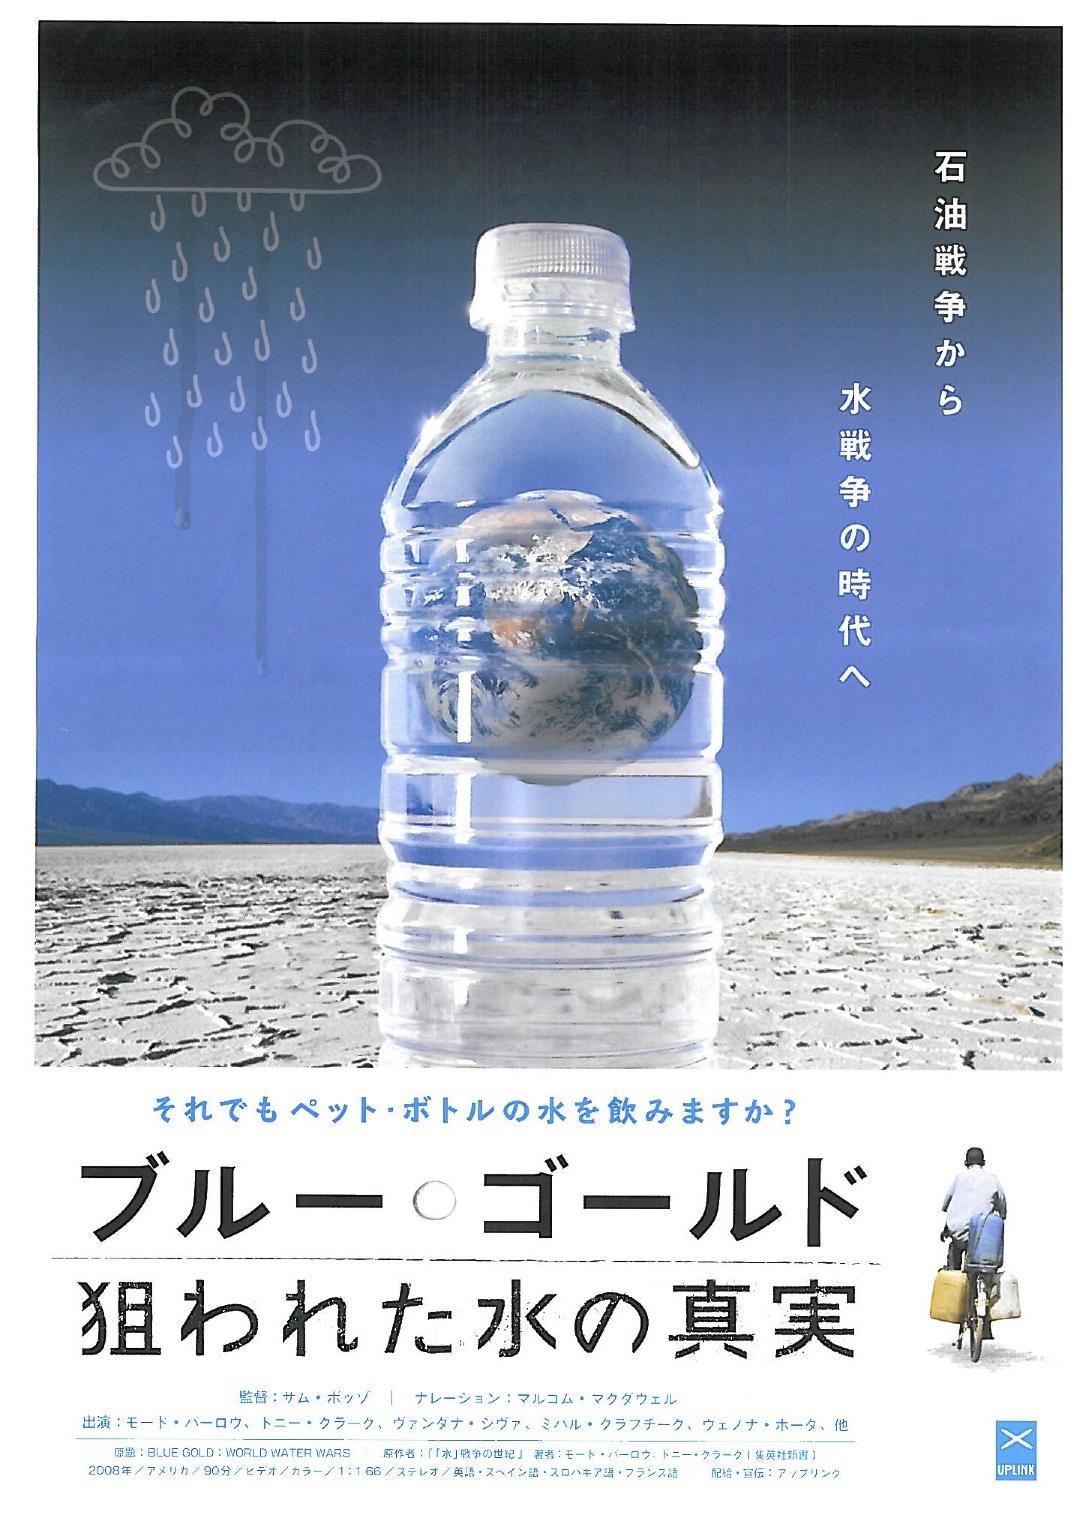 青森県環境パートナーシップセンターからのお知らせ